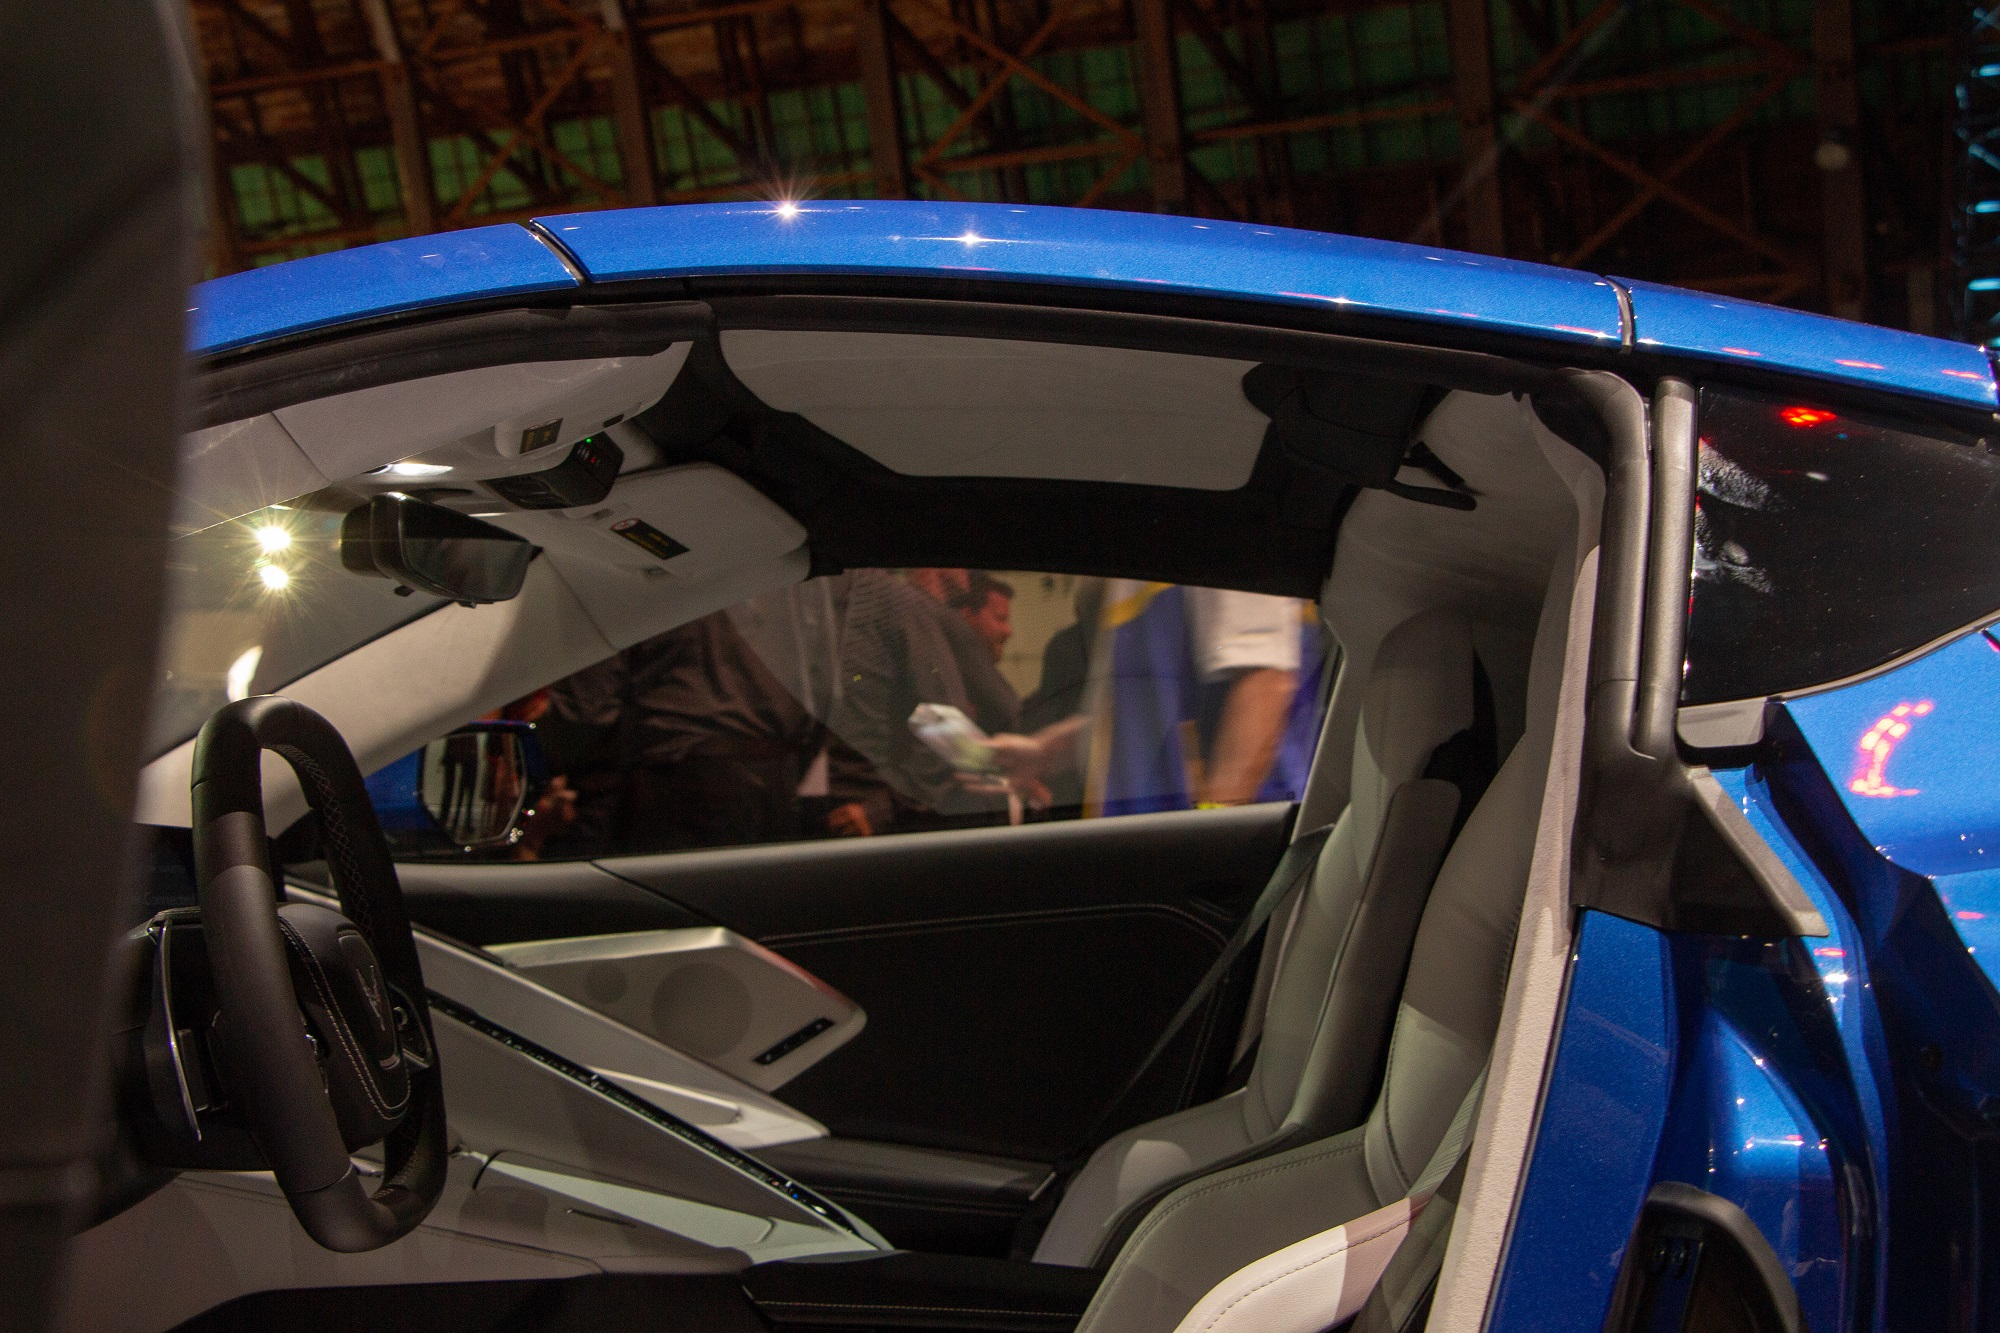 2020 C8 Corvette Interior - CorvetteForum